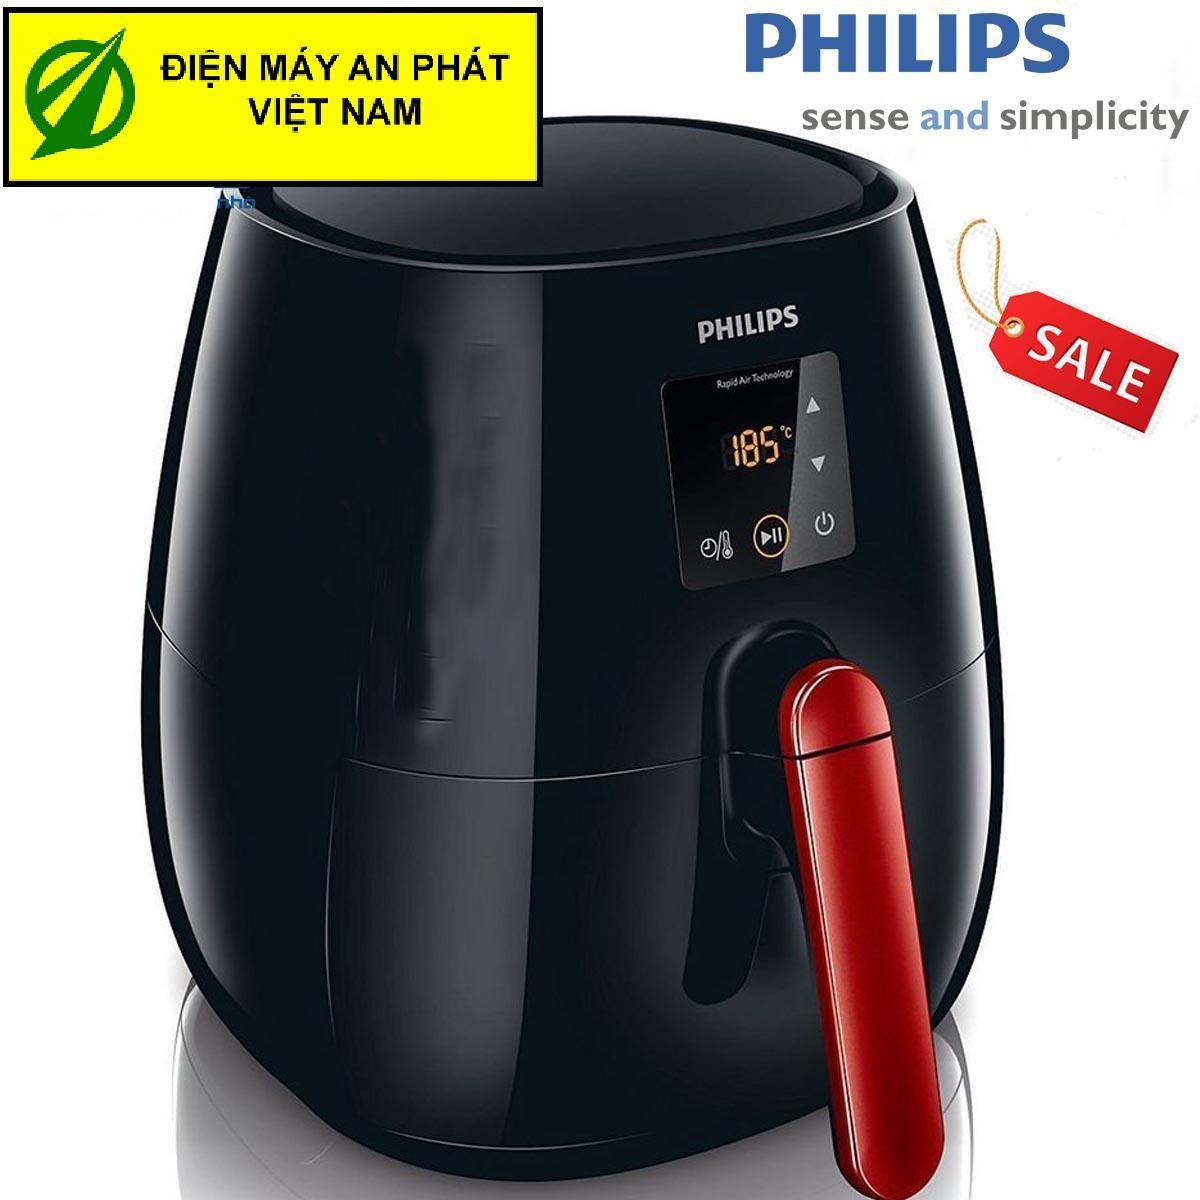 Hình ảnh Nồi Chiên Không Khí Điện Tử Đa Năng Philips Hd9238 - Hàng Nhập Khẩu(Màu Đen)